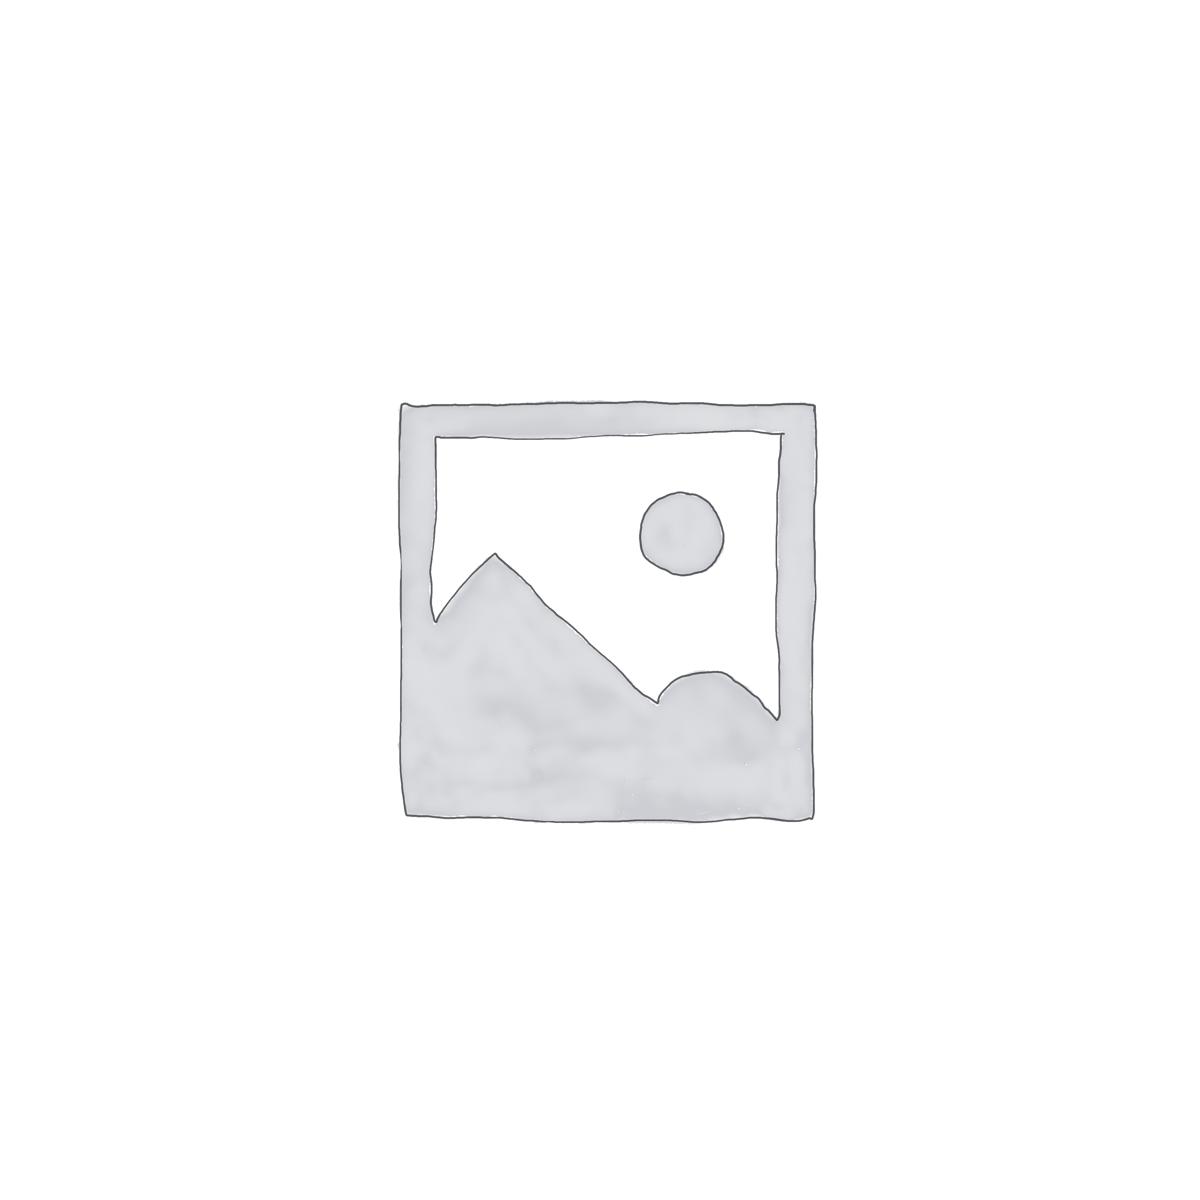 Charcoal Banana Leaf Wallpaper Wallpaper Mural